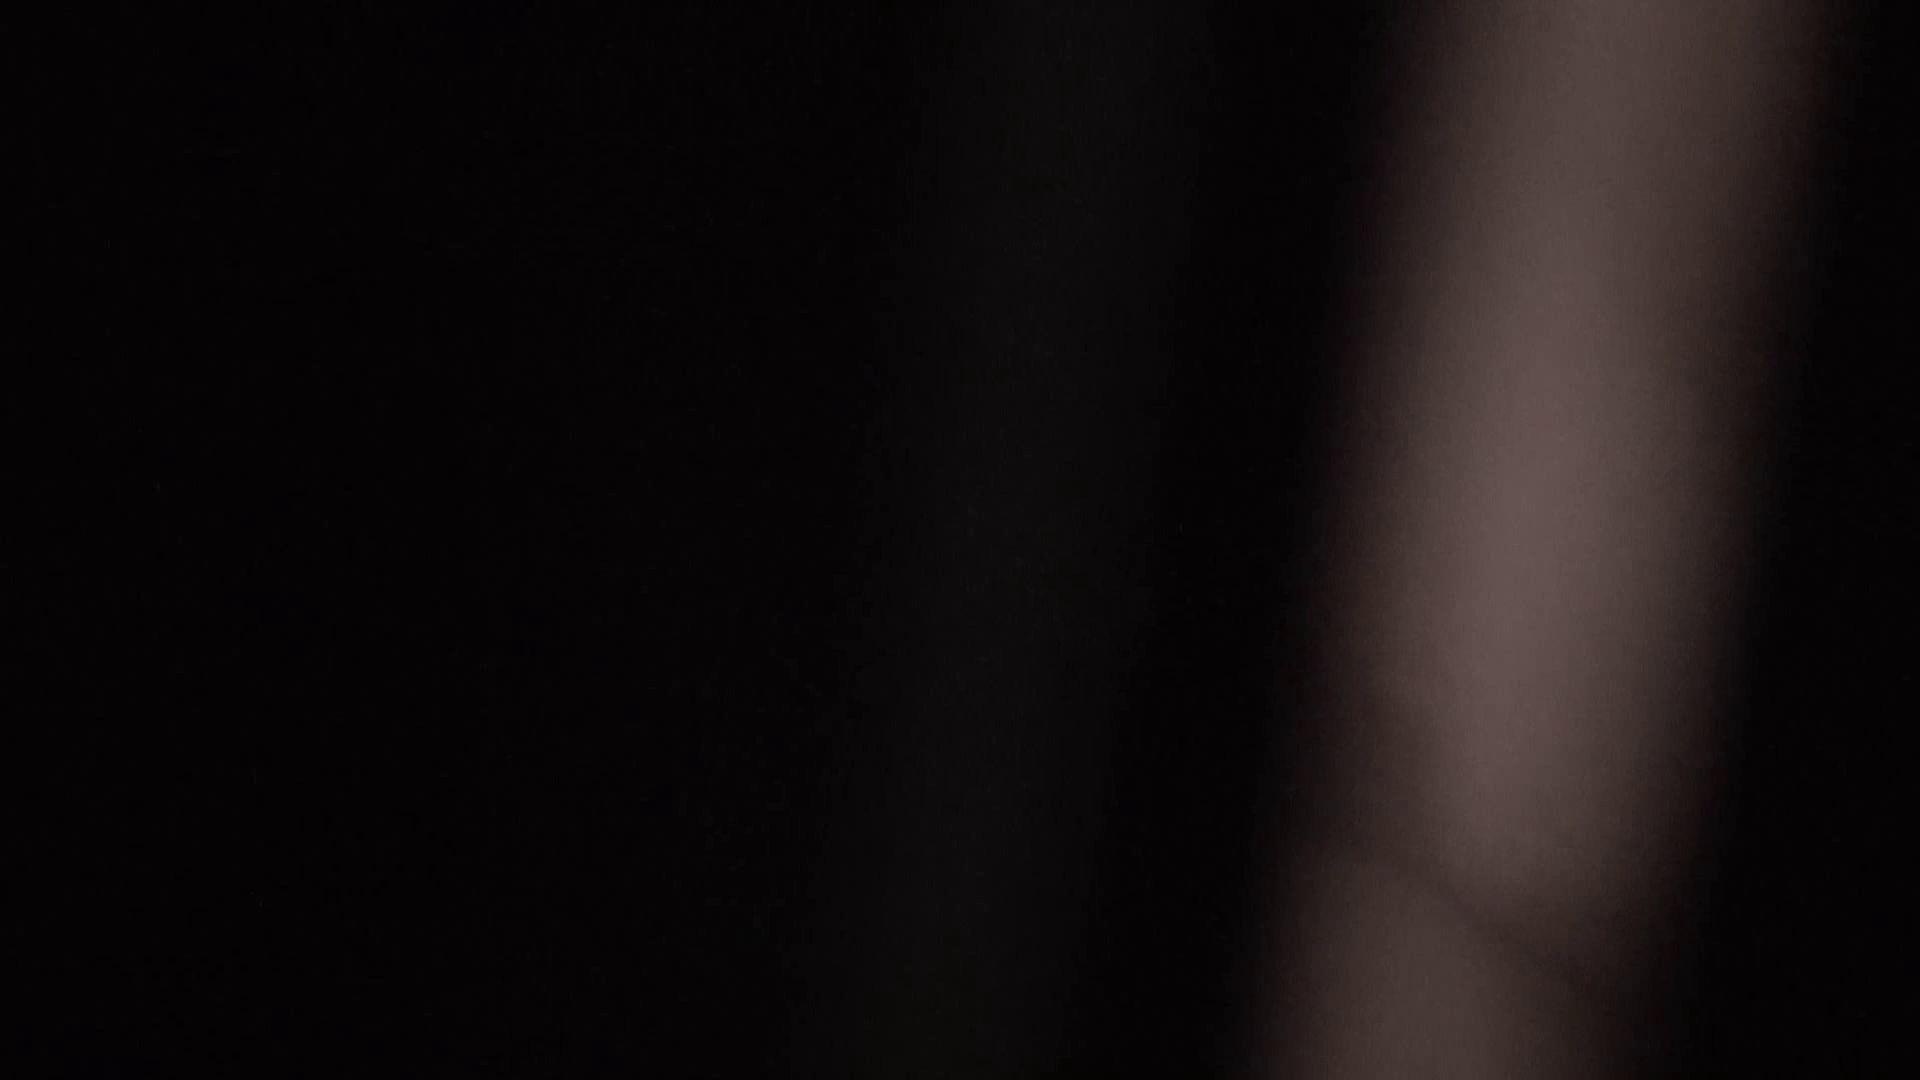 民家の騎士さんの最後の性戦ハイビジョン!!No.53 民家エロ投稿  66画像 22